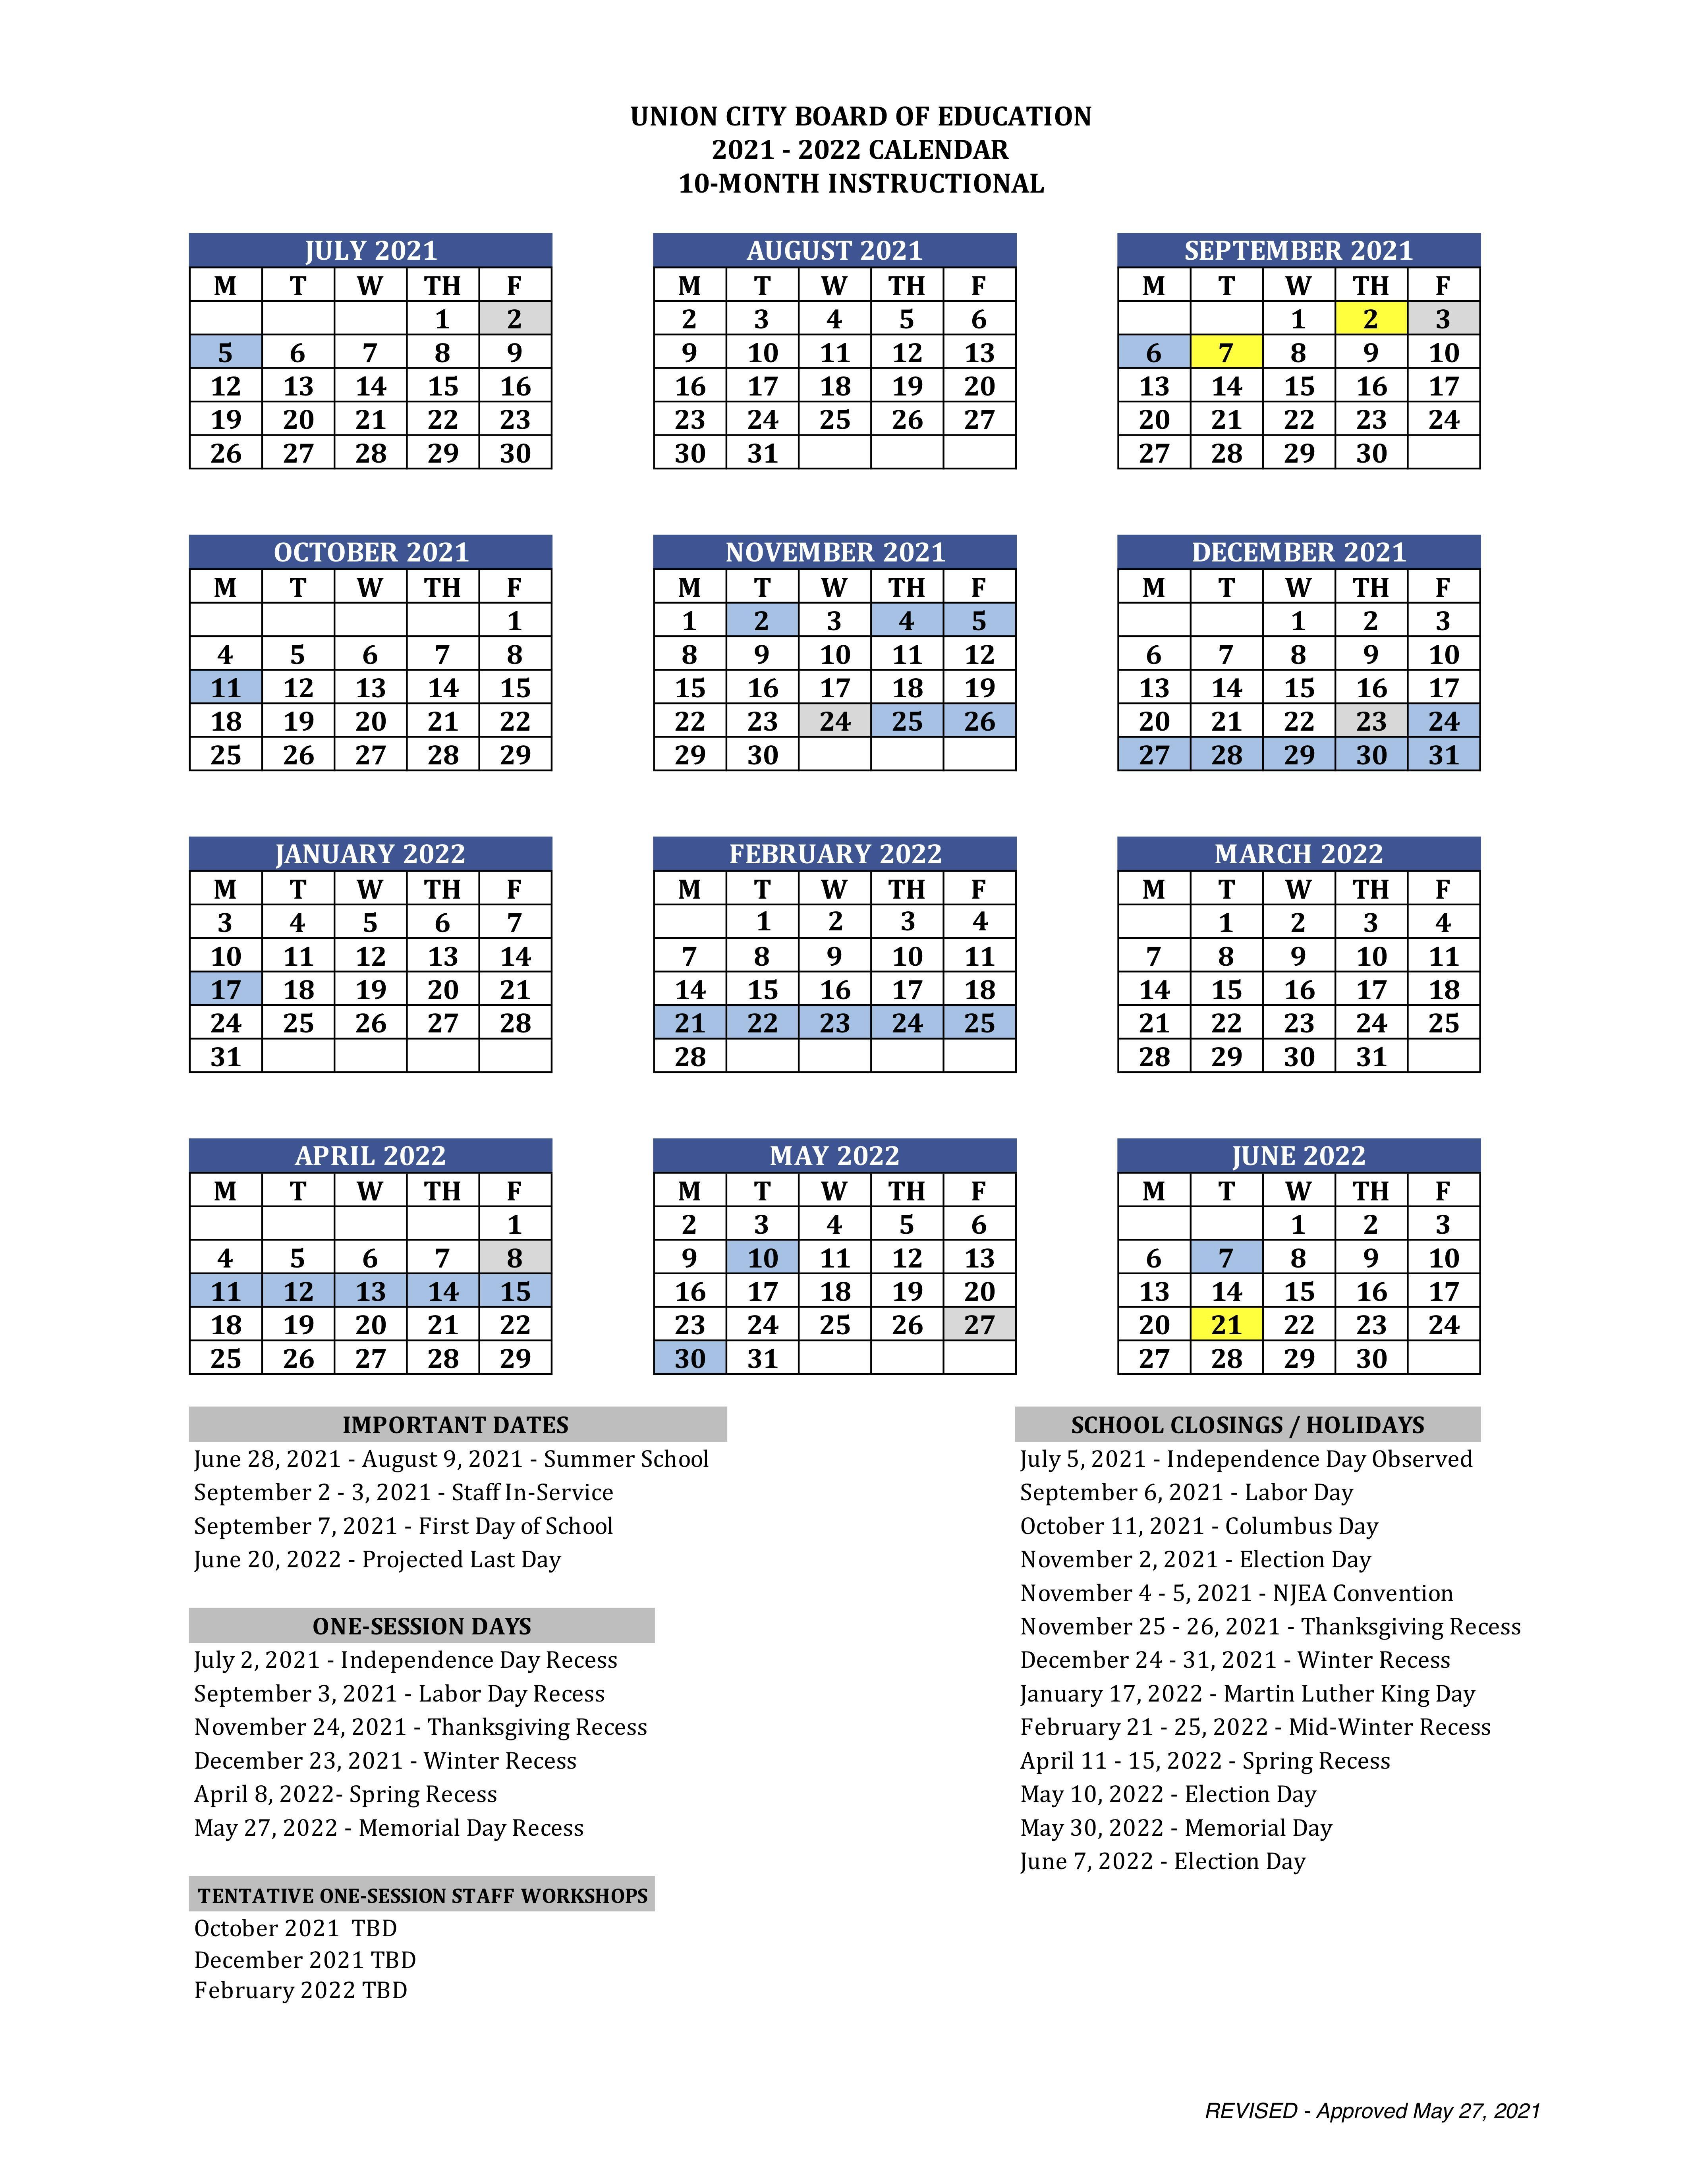 21-22 10 month calendar